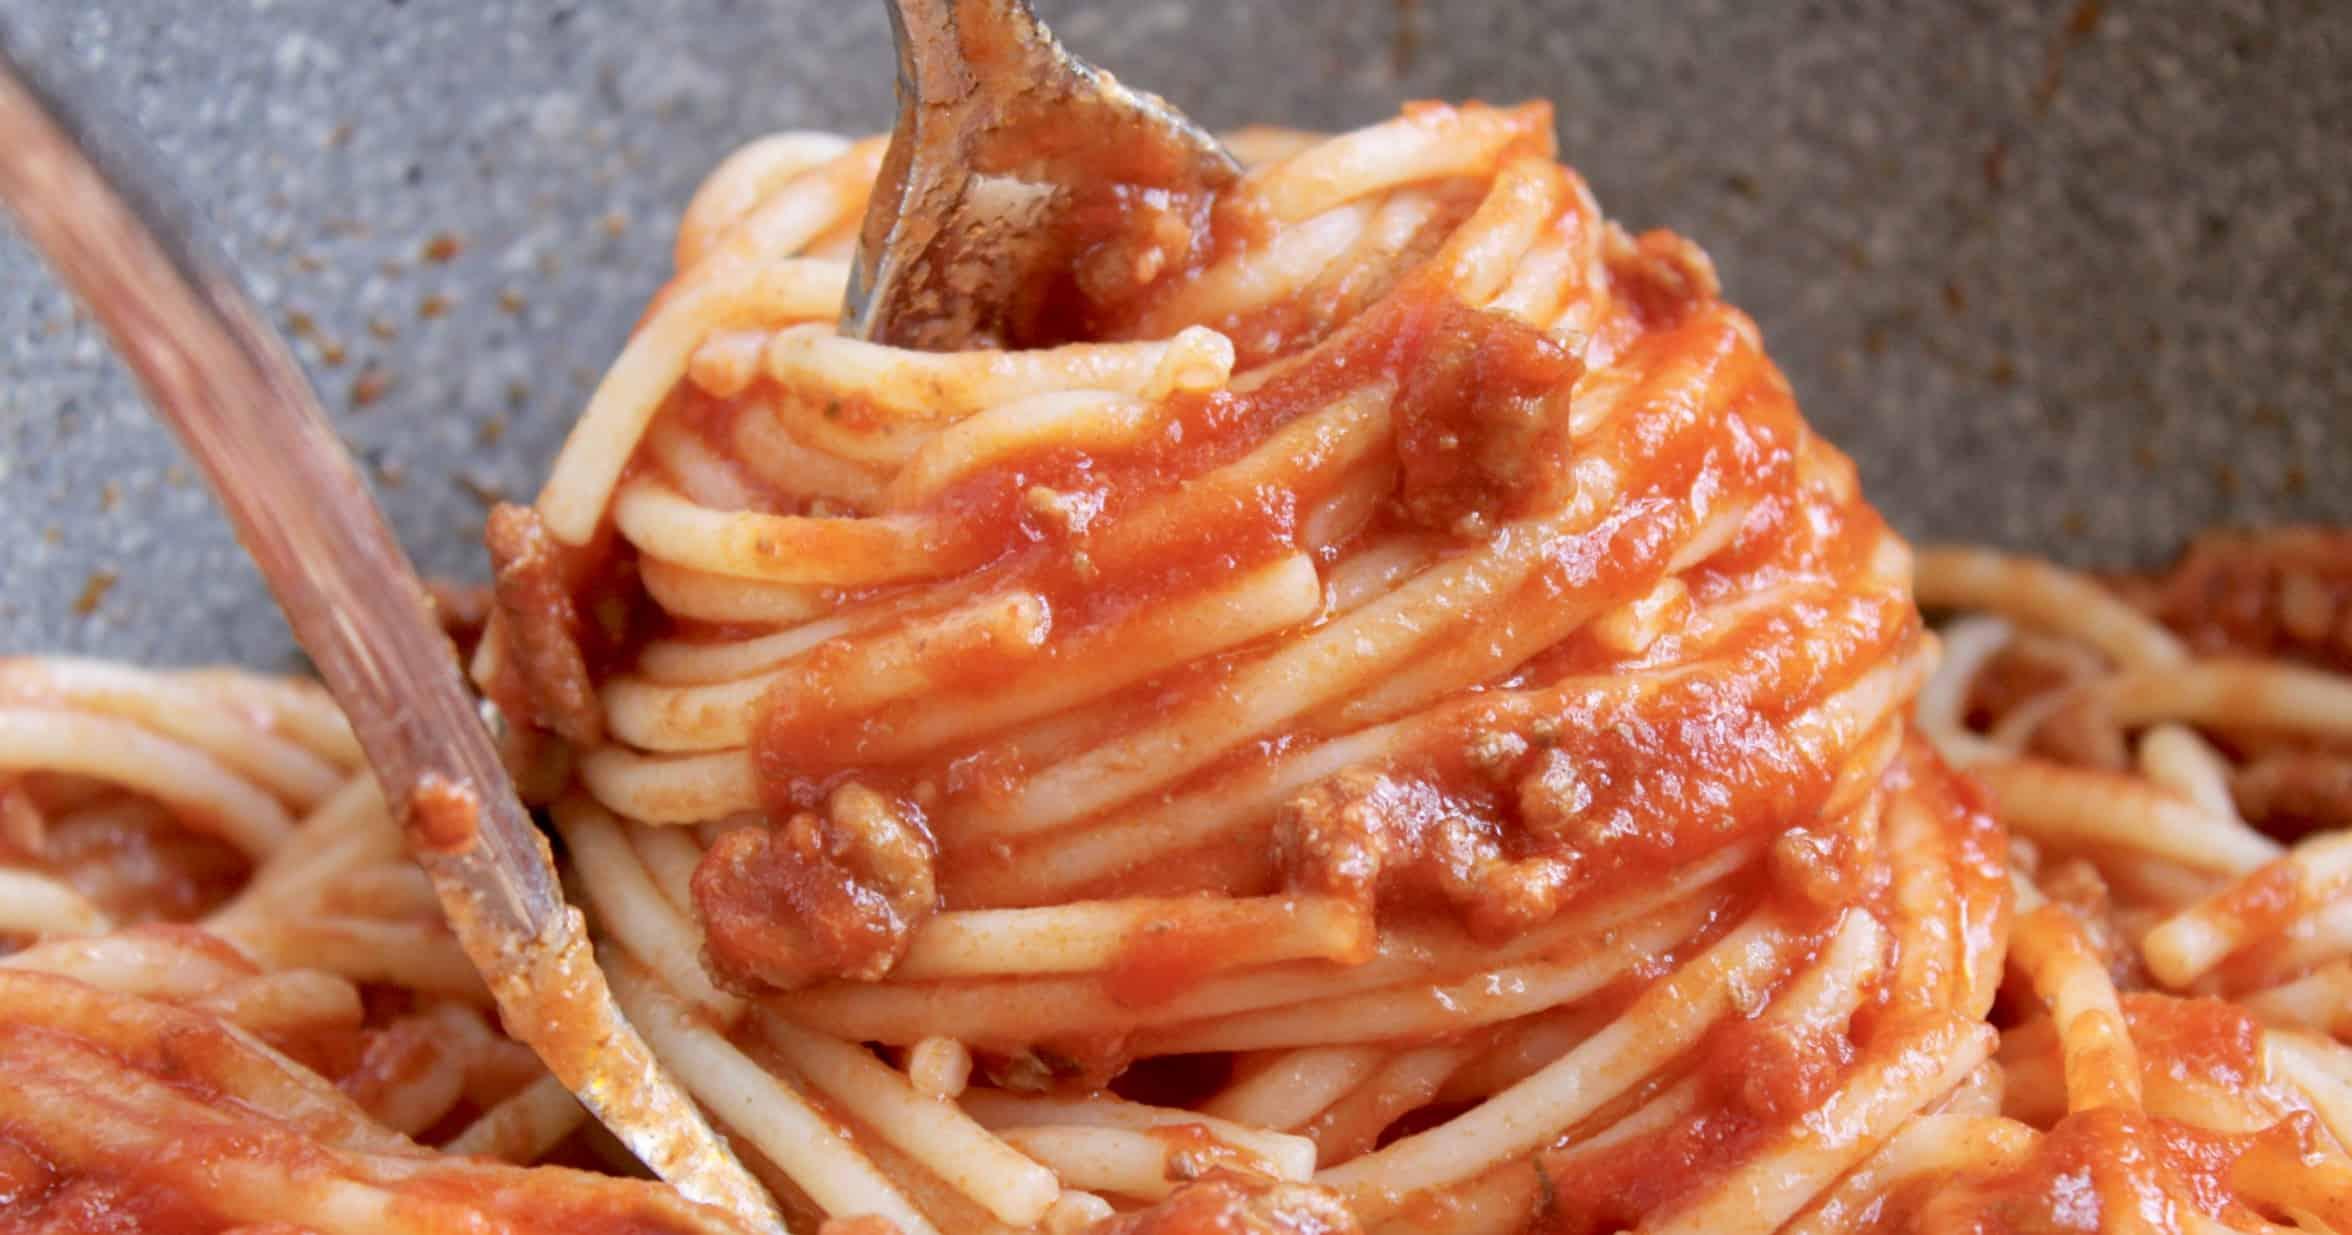 spaghetti sauce with spaghetti